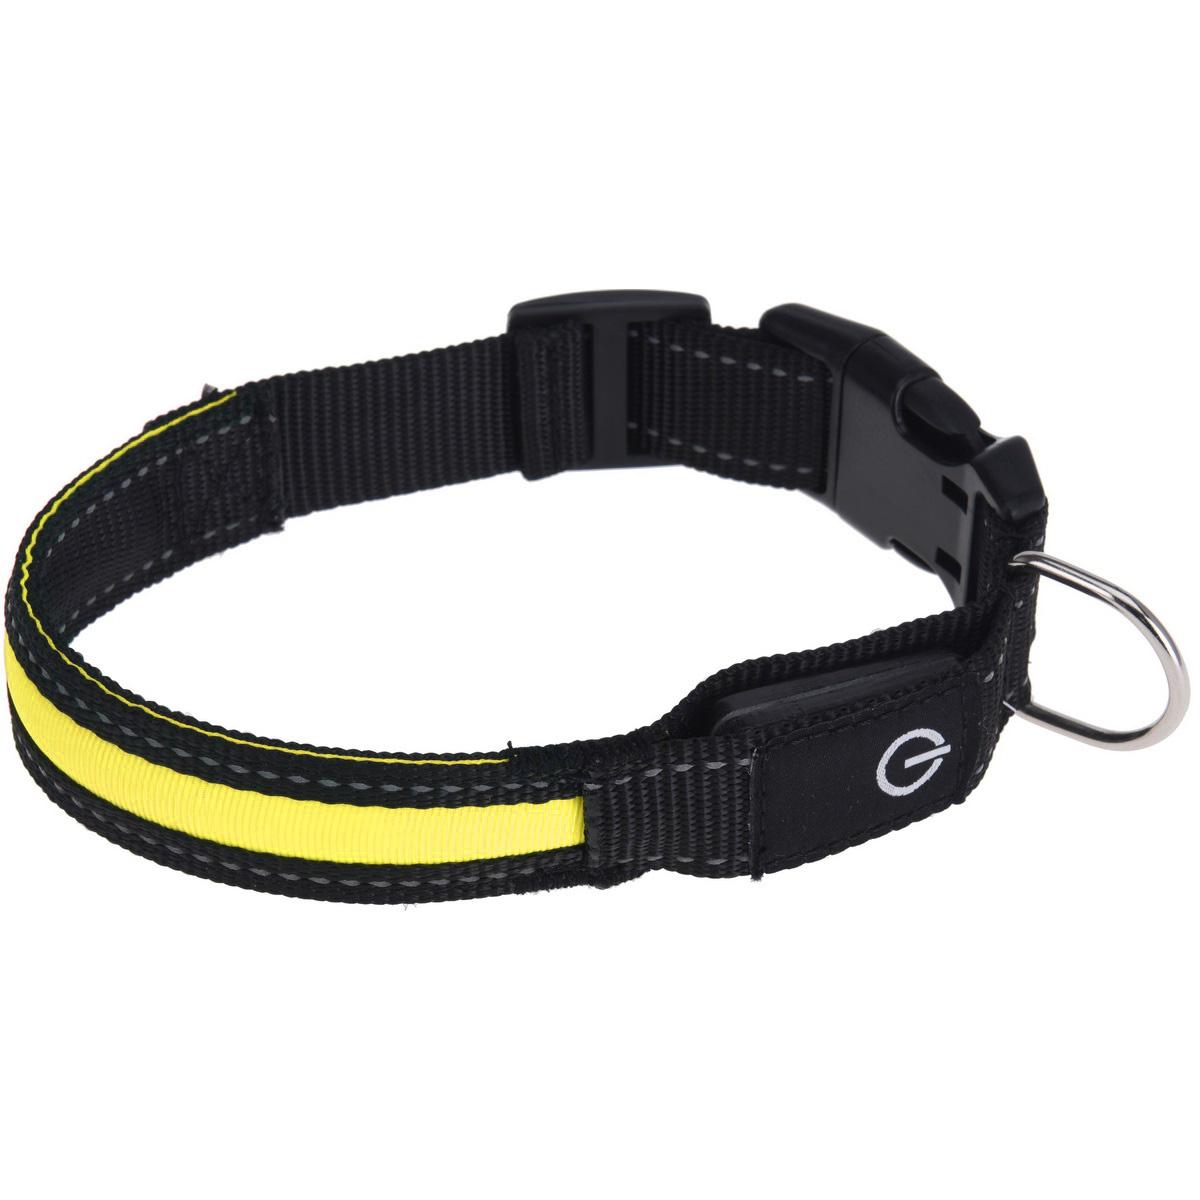 Zgardă câine Collar, galben imagine